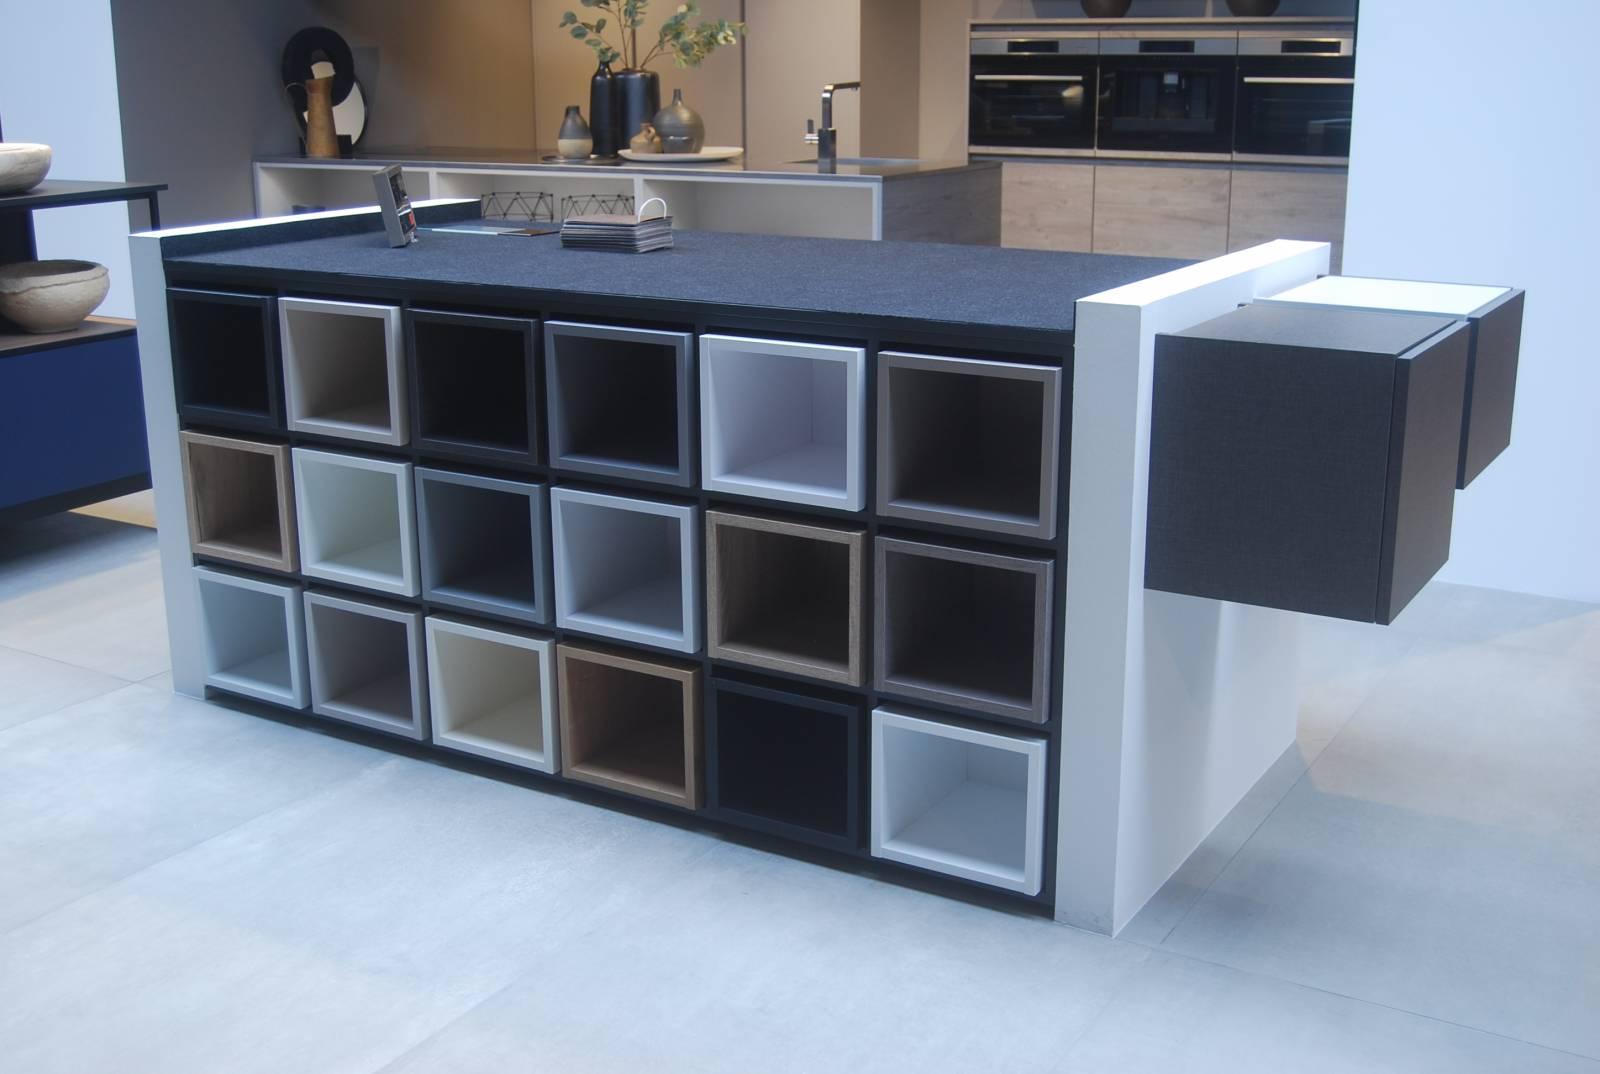 meubles de cuisine montes en usine gallery of dduction de votre achat notre concepteur vous. Black Bedroom Furniture Sets. Home Design Ideas